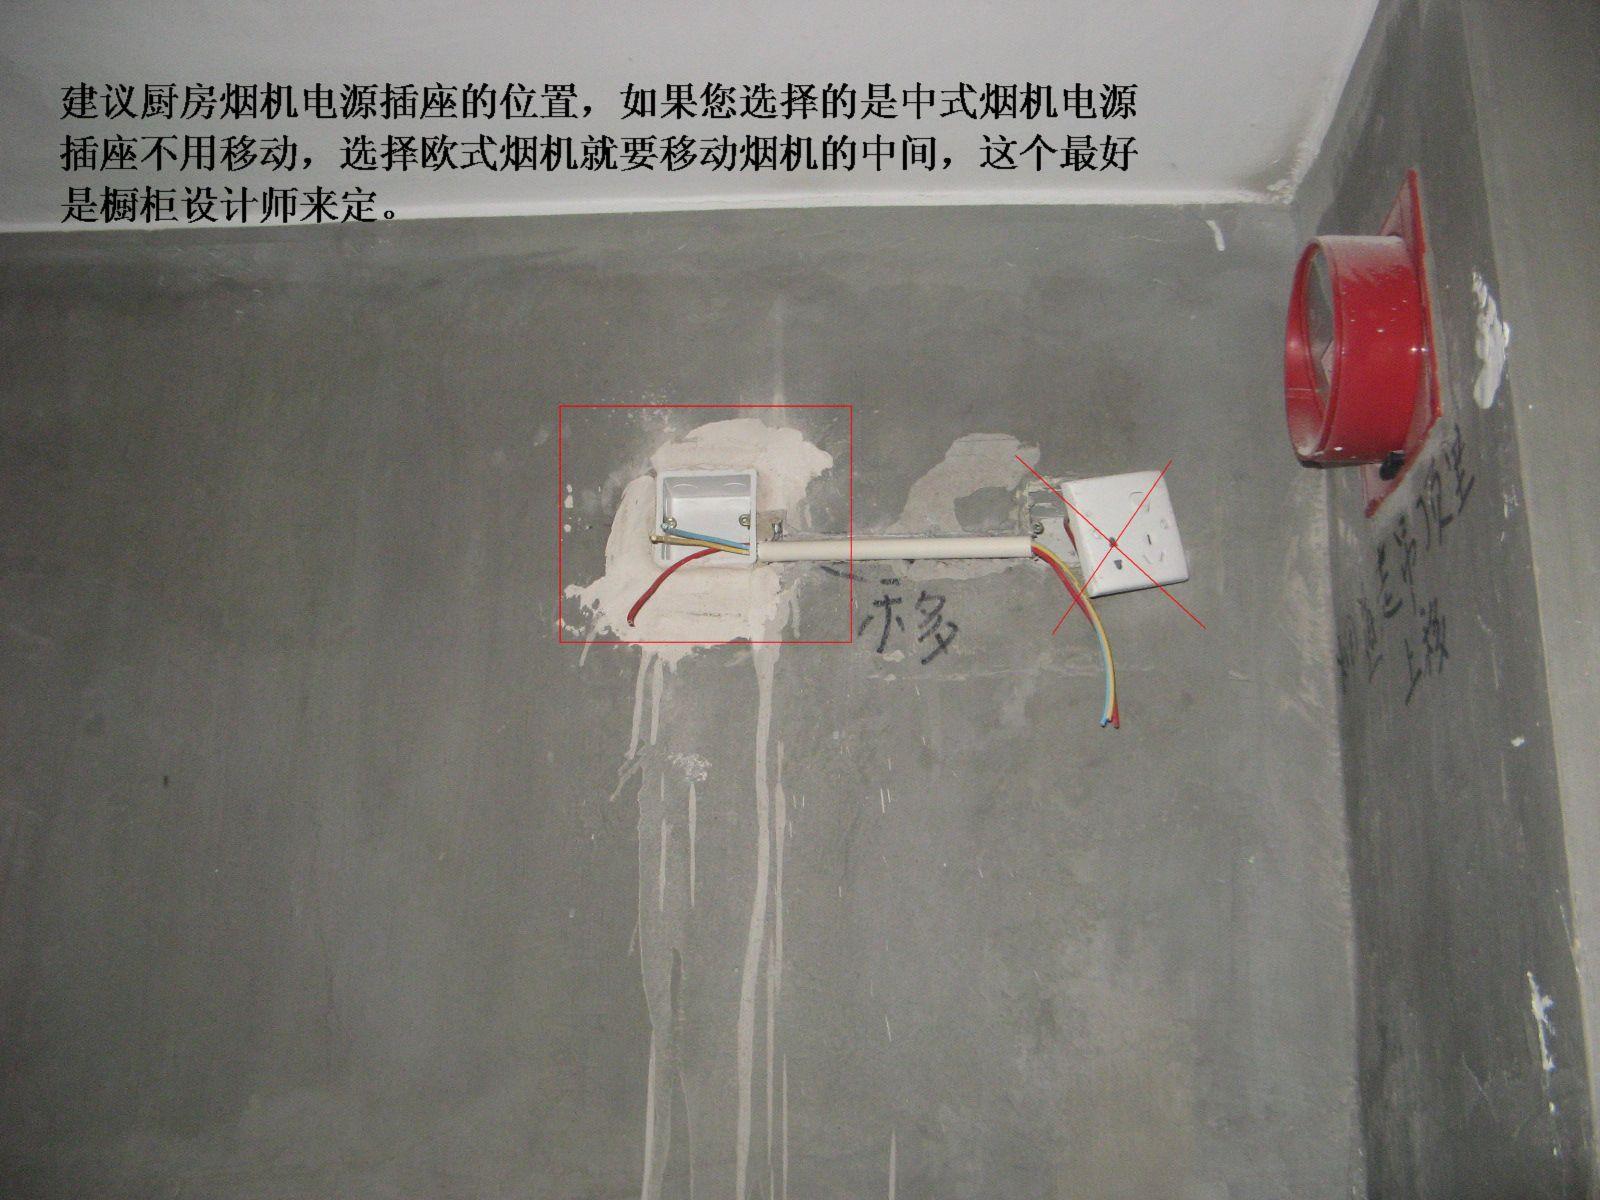 居室内强电电路基本改造项目